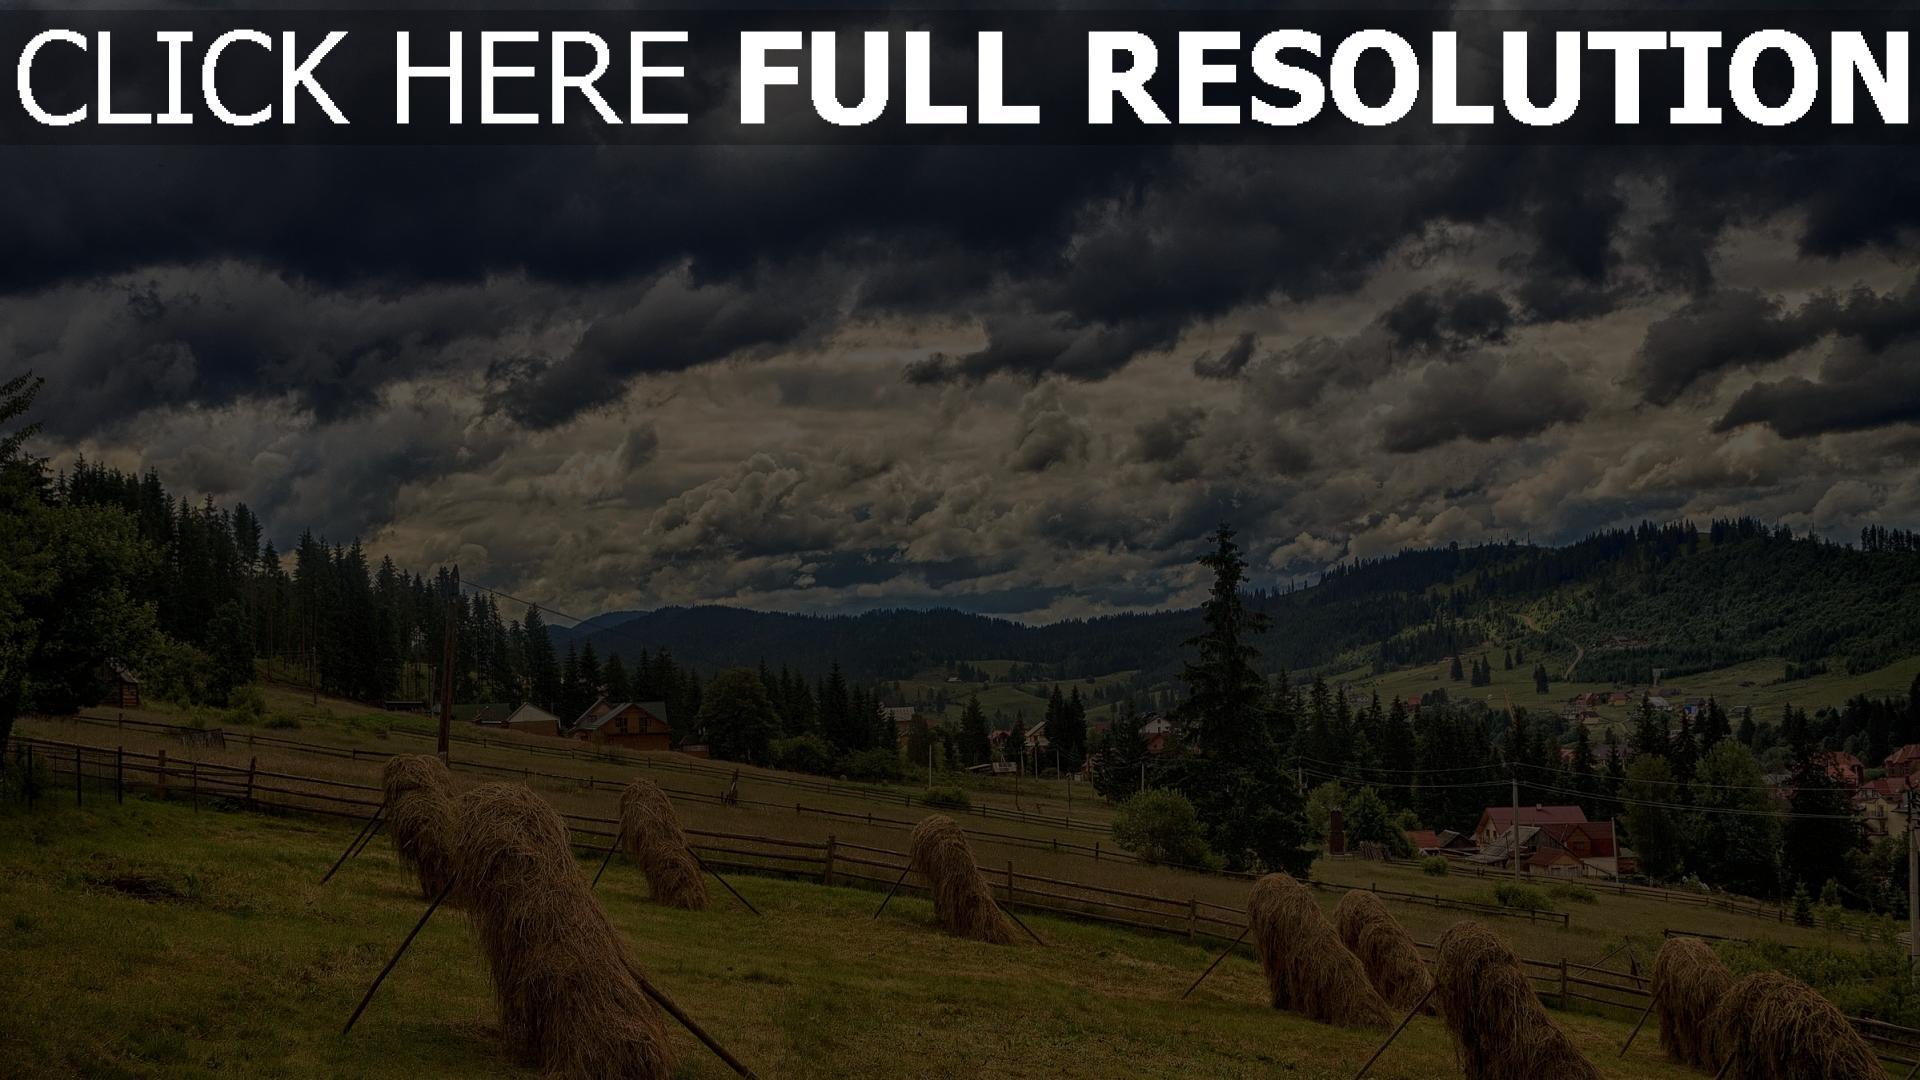 hd hintergrundbilder berge heu essen karpaten wolken himmel 1920x1080